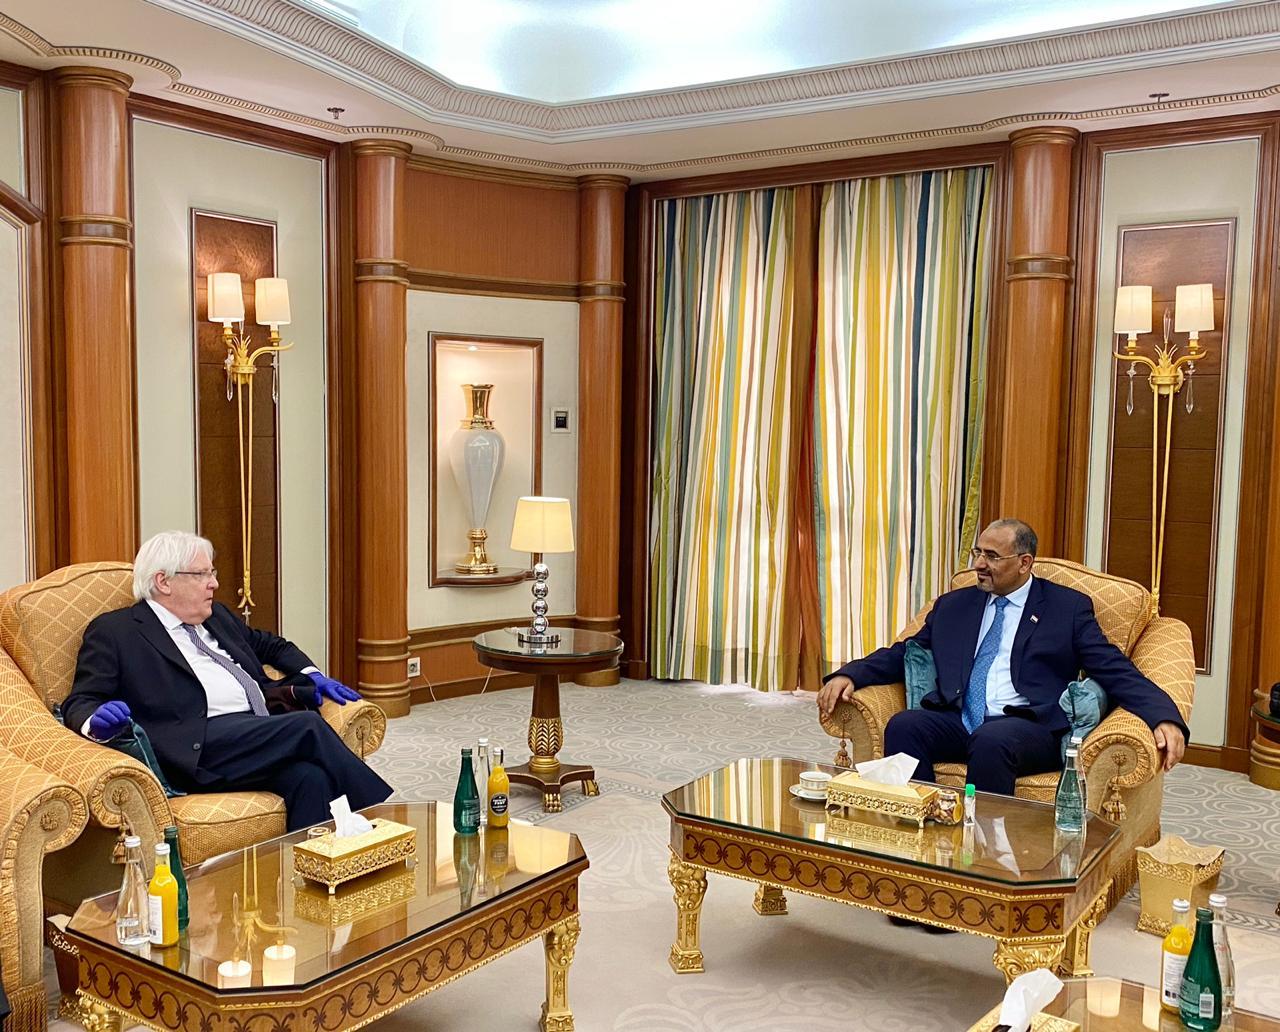 الرئيس القائد عيدروس الزُبيدي يستقبل مبعوث الأمين العام للأمم المتحدة